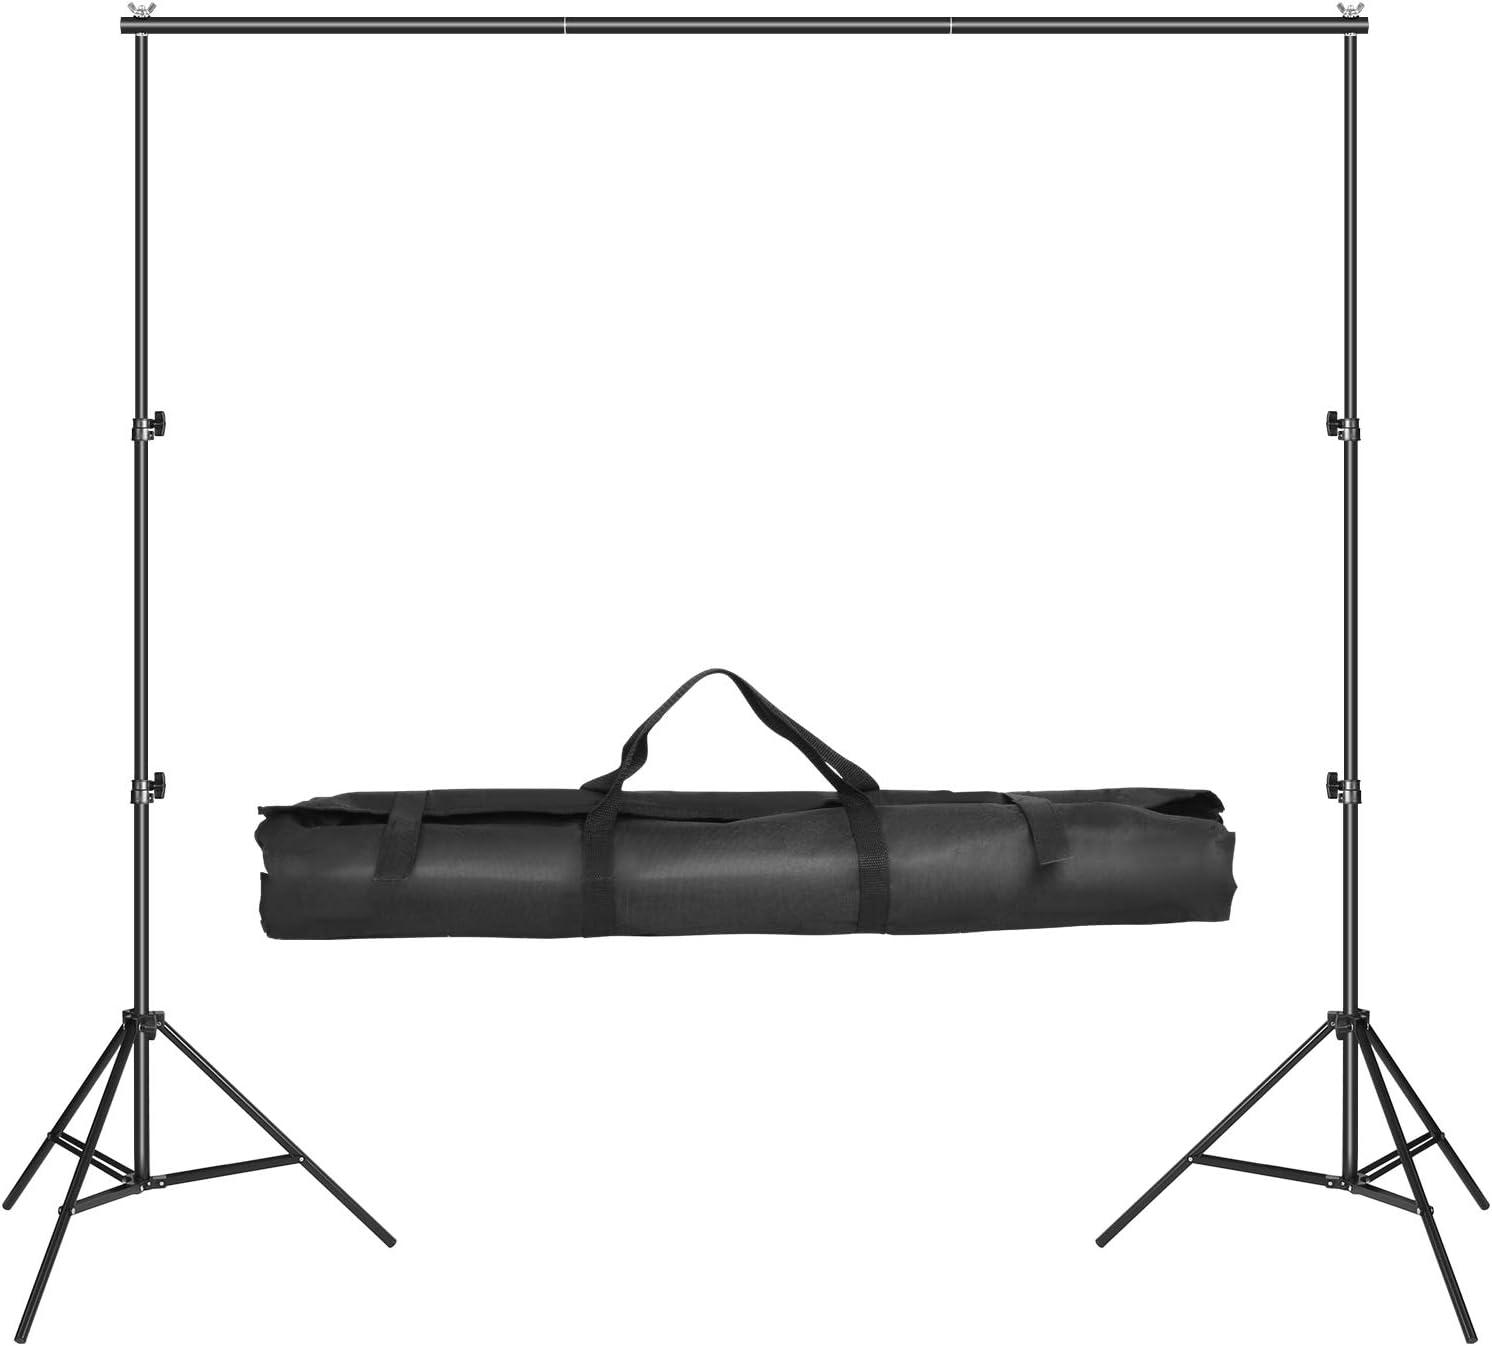 Schwarzer Hintergrund Tragbarer professioneller Fotostudio-Bildschirm Starke Verarbeitungsqualit/ät vollst/ändig ges/äumter Rand langlebig maschinenwaschbar Fotografie-Hintergrund aus 100/%